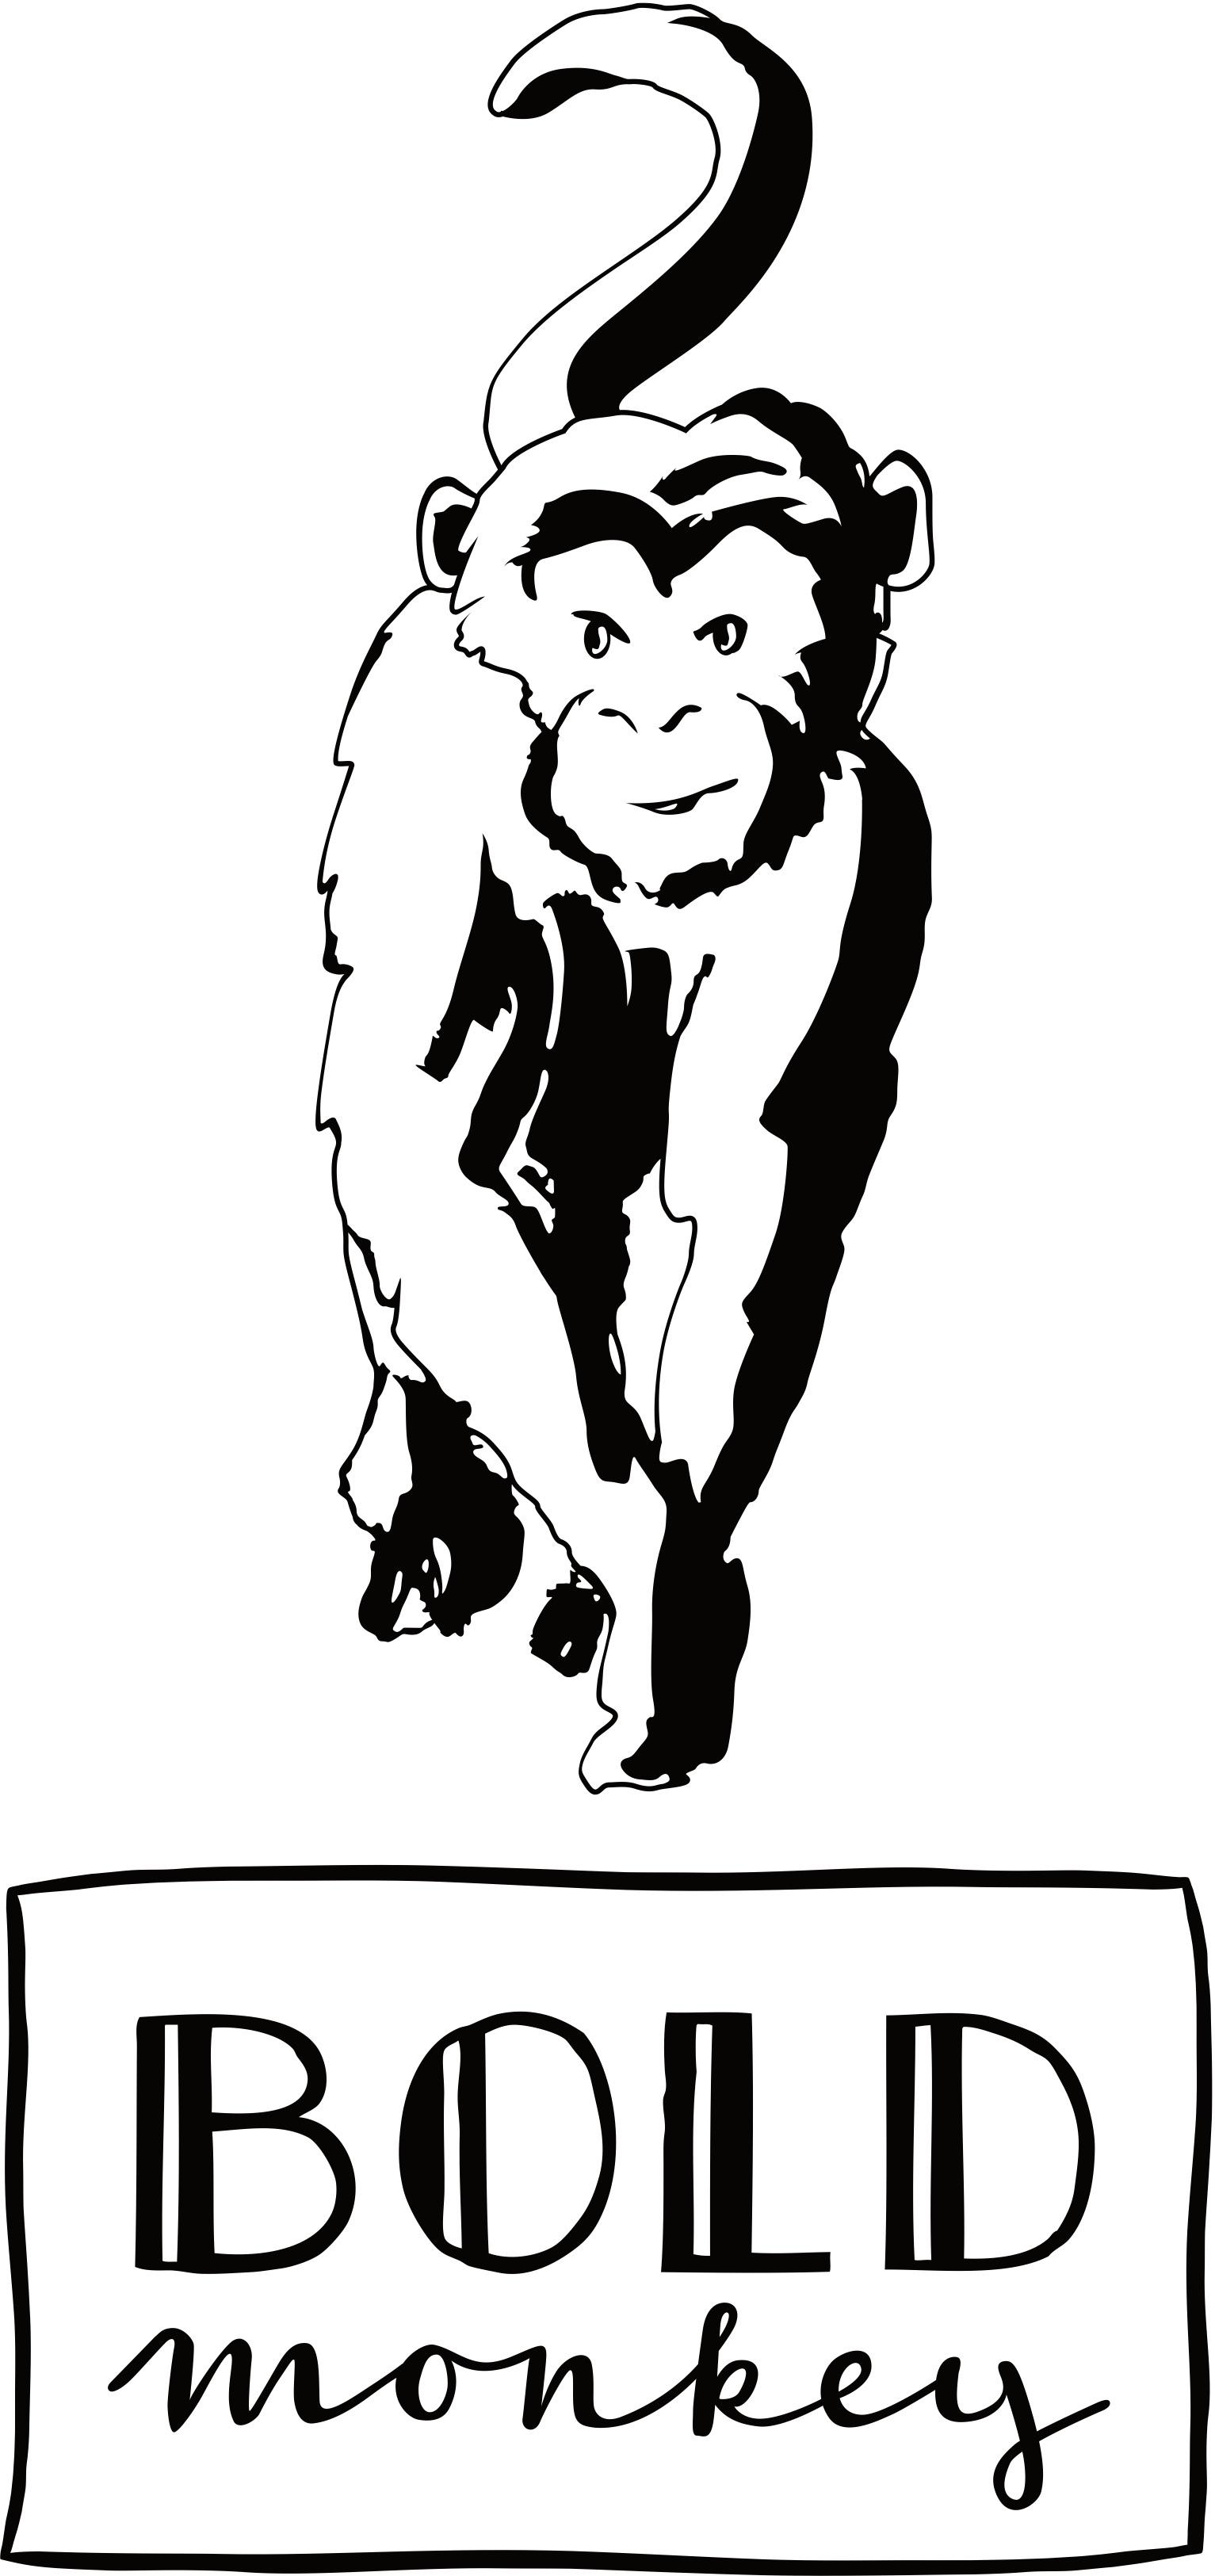 Bold Monkey i am not a macaron poef velvet roze gouden poten vooraanzicht